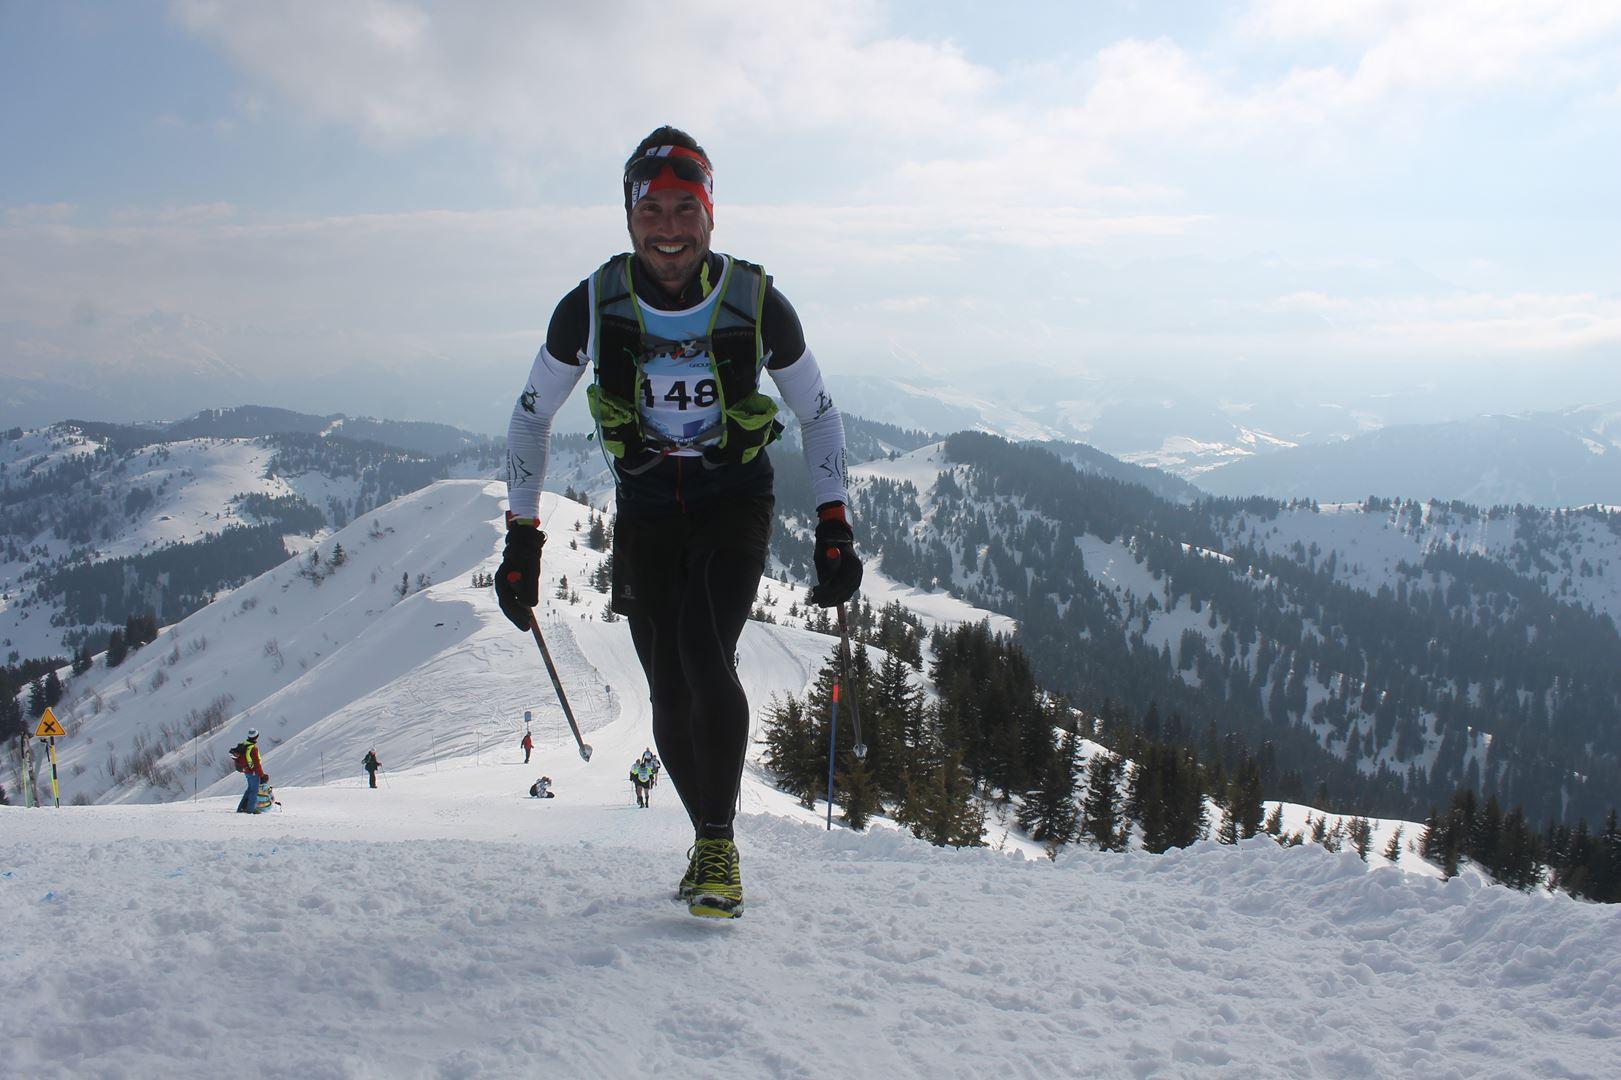 le sourrire au sommet 1 - RESULTATS PHOTOS ET COMPTE RENDU DU 9EME ARAVIS SNOW TRAIL (La Giettaz73) 25-03-2018